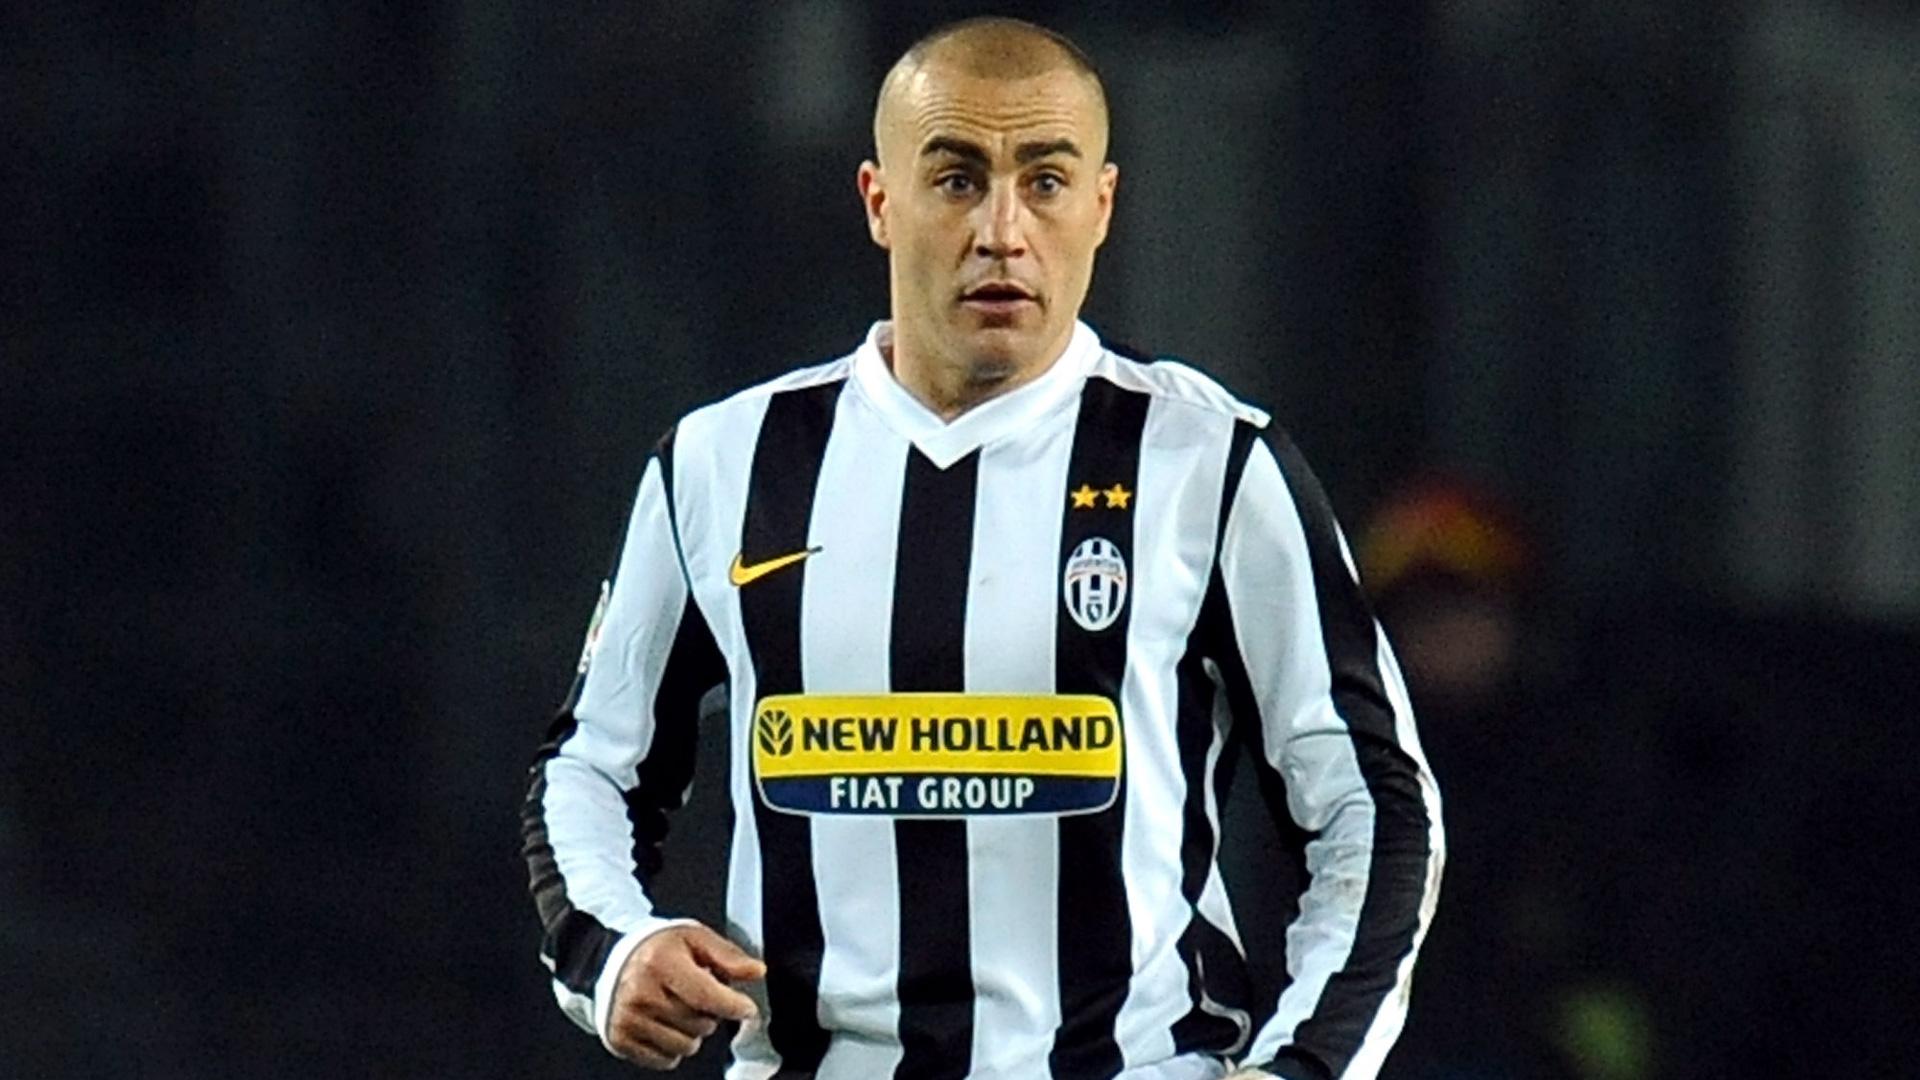 Fabio-Cannavaro-Juventus-Turin